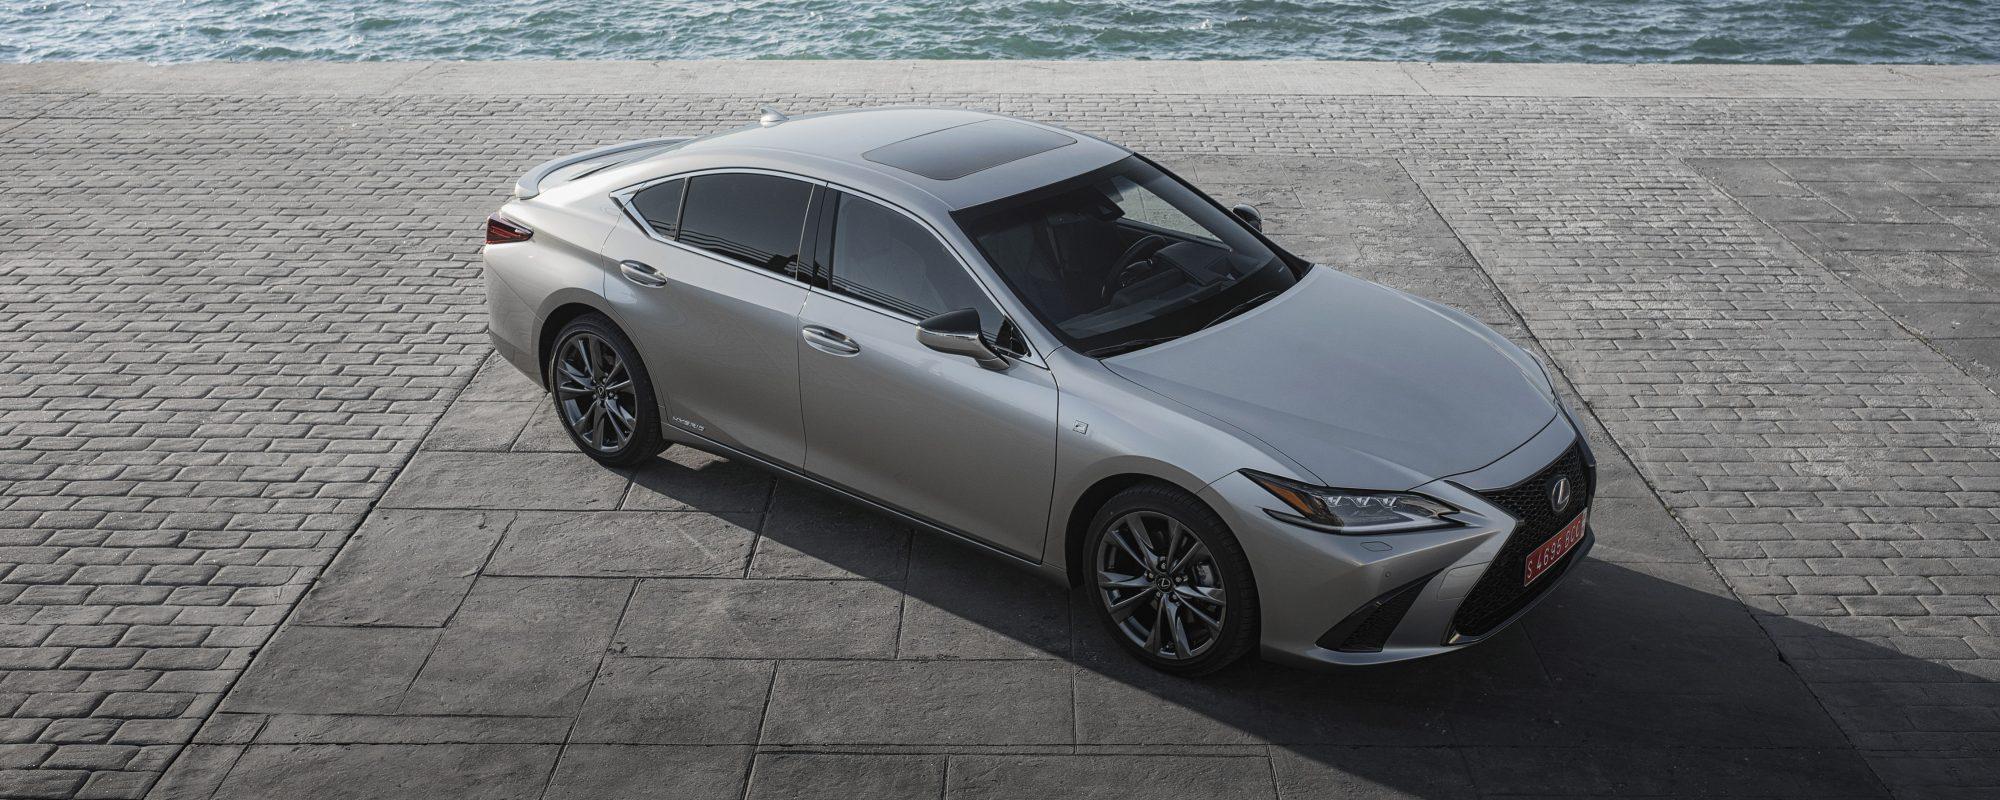 ADAC Ecotest: Lexus ES 300[h] in praktijk beste score in zijn klasse